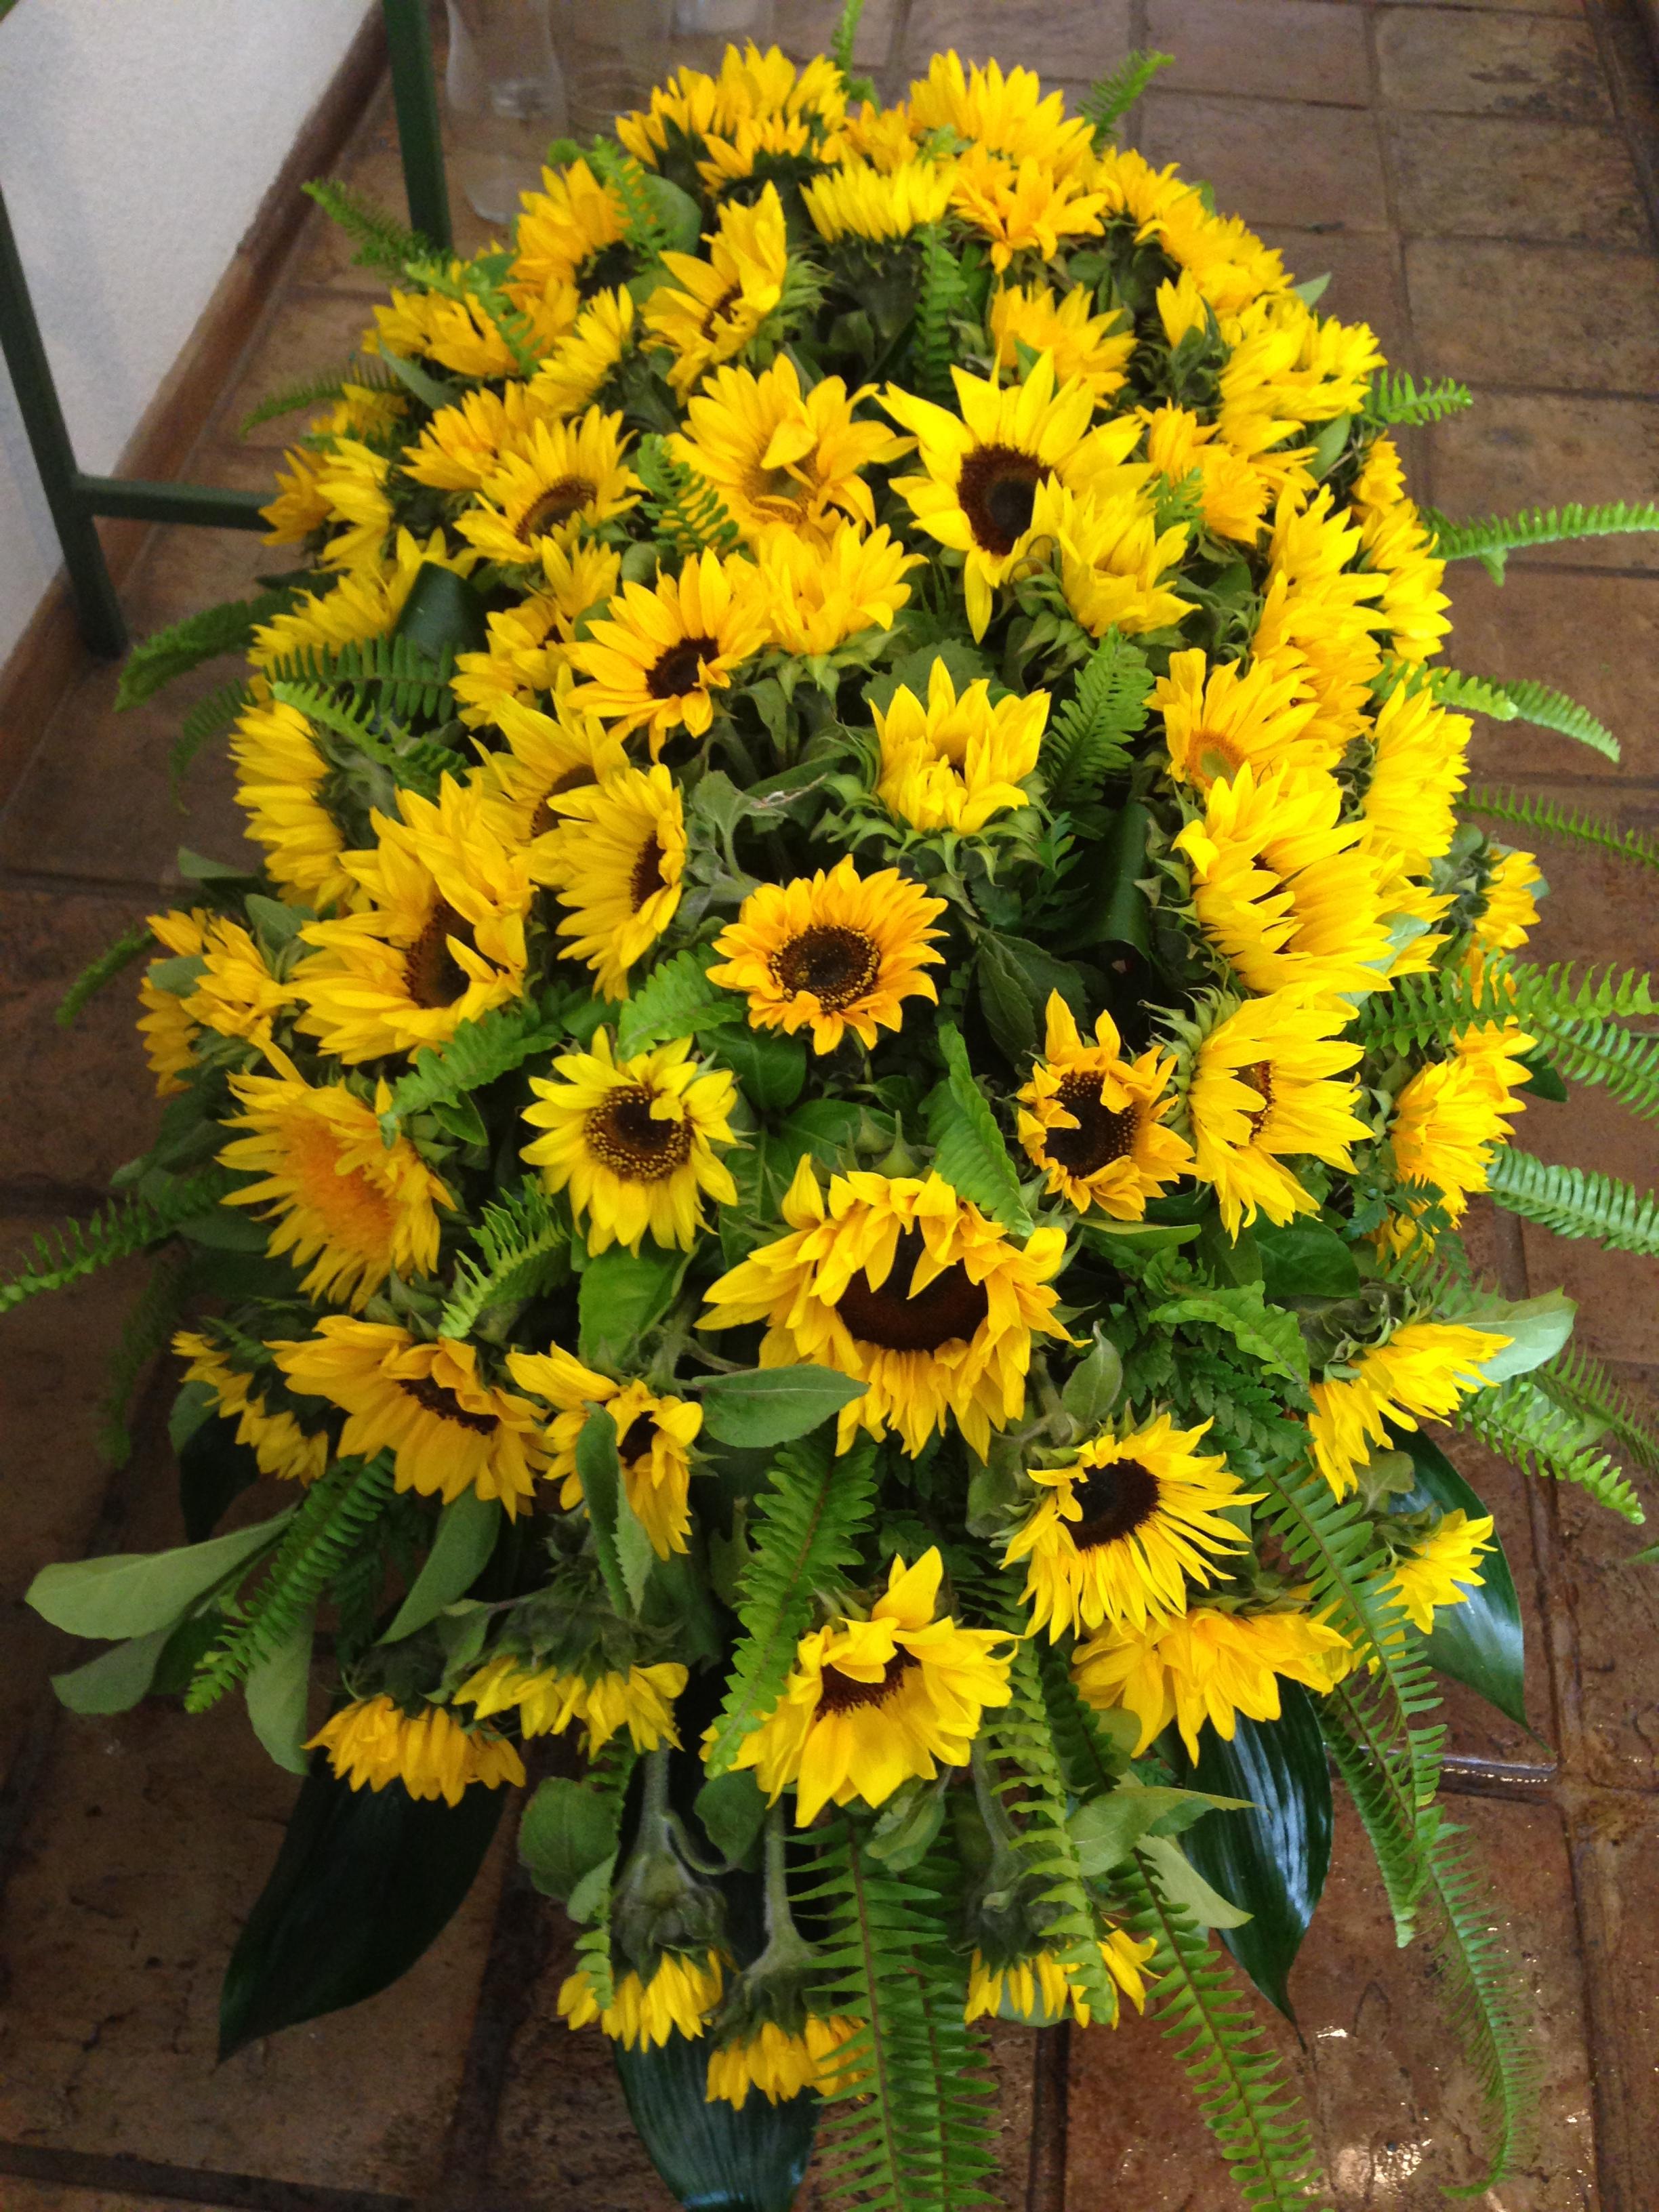 Sunflowers and fesh greenery